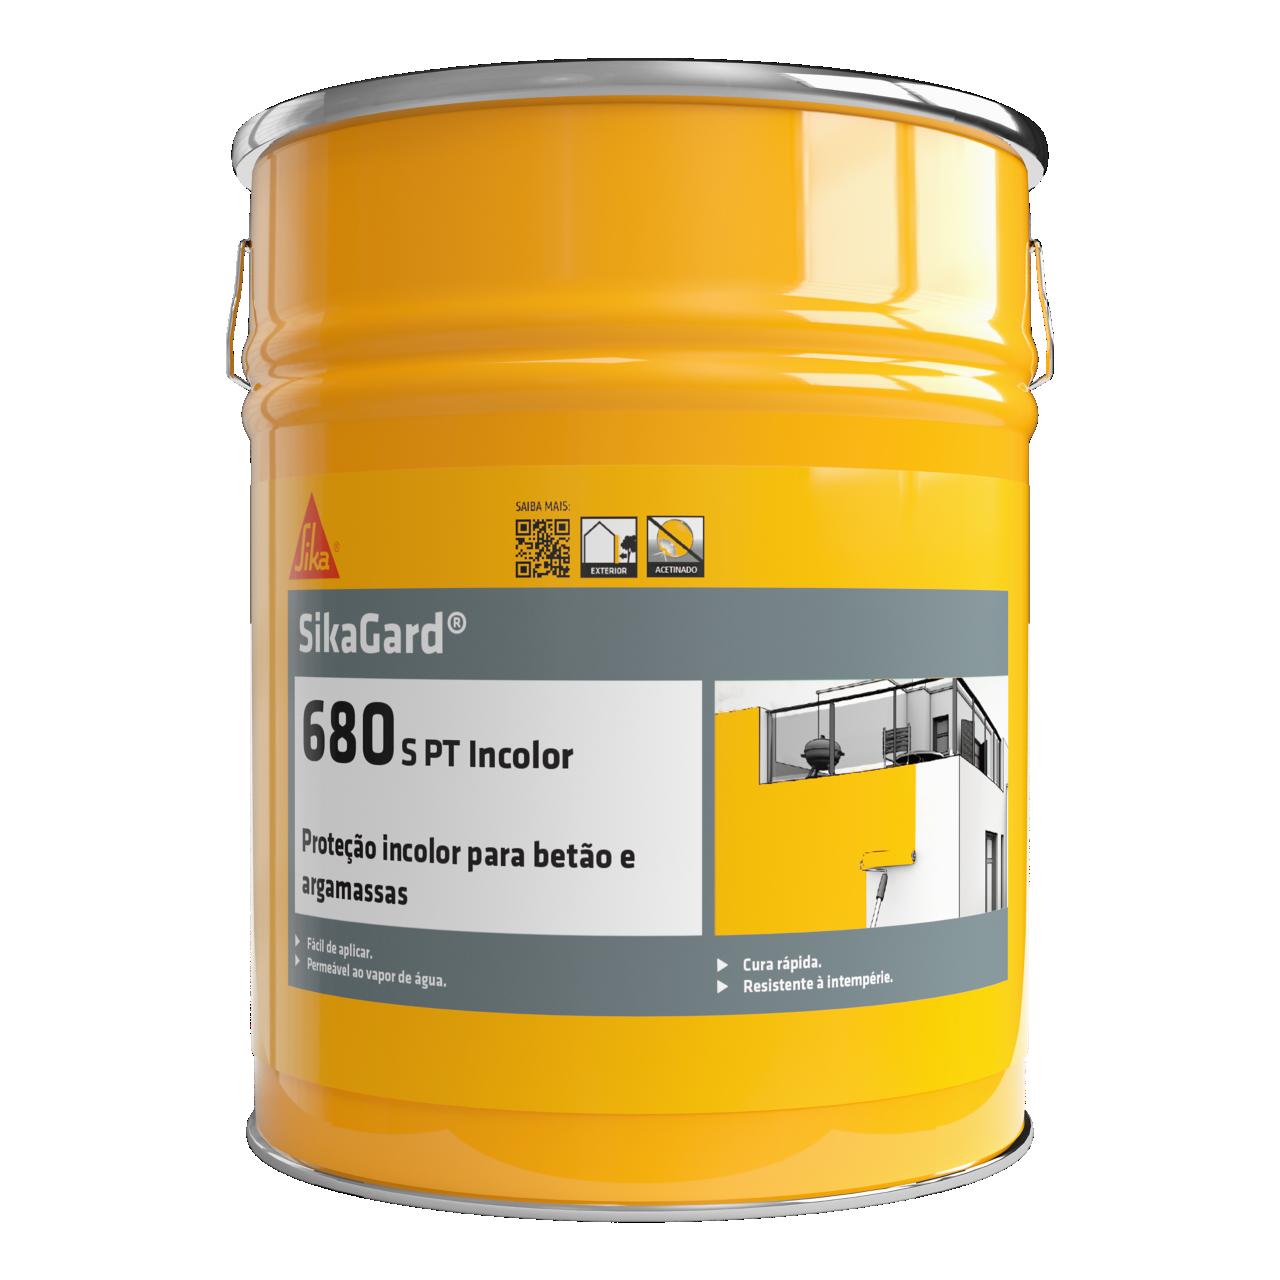 Sikagard®-680 S PT Incolor | Verniz Incolor de Proteção